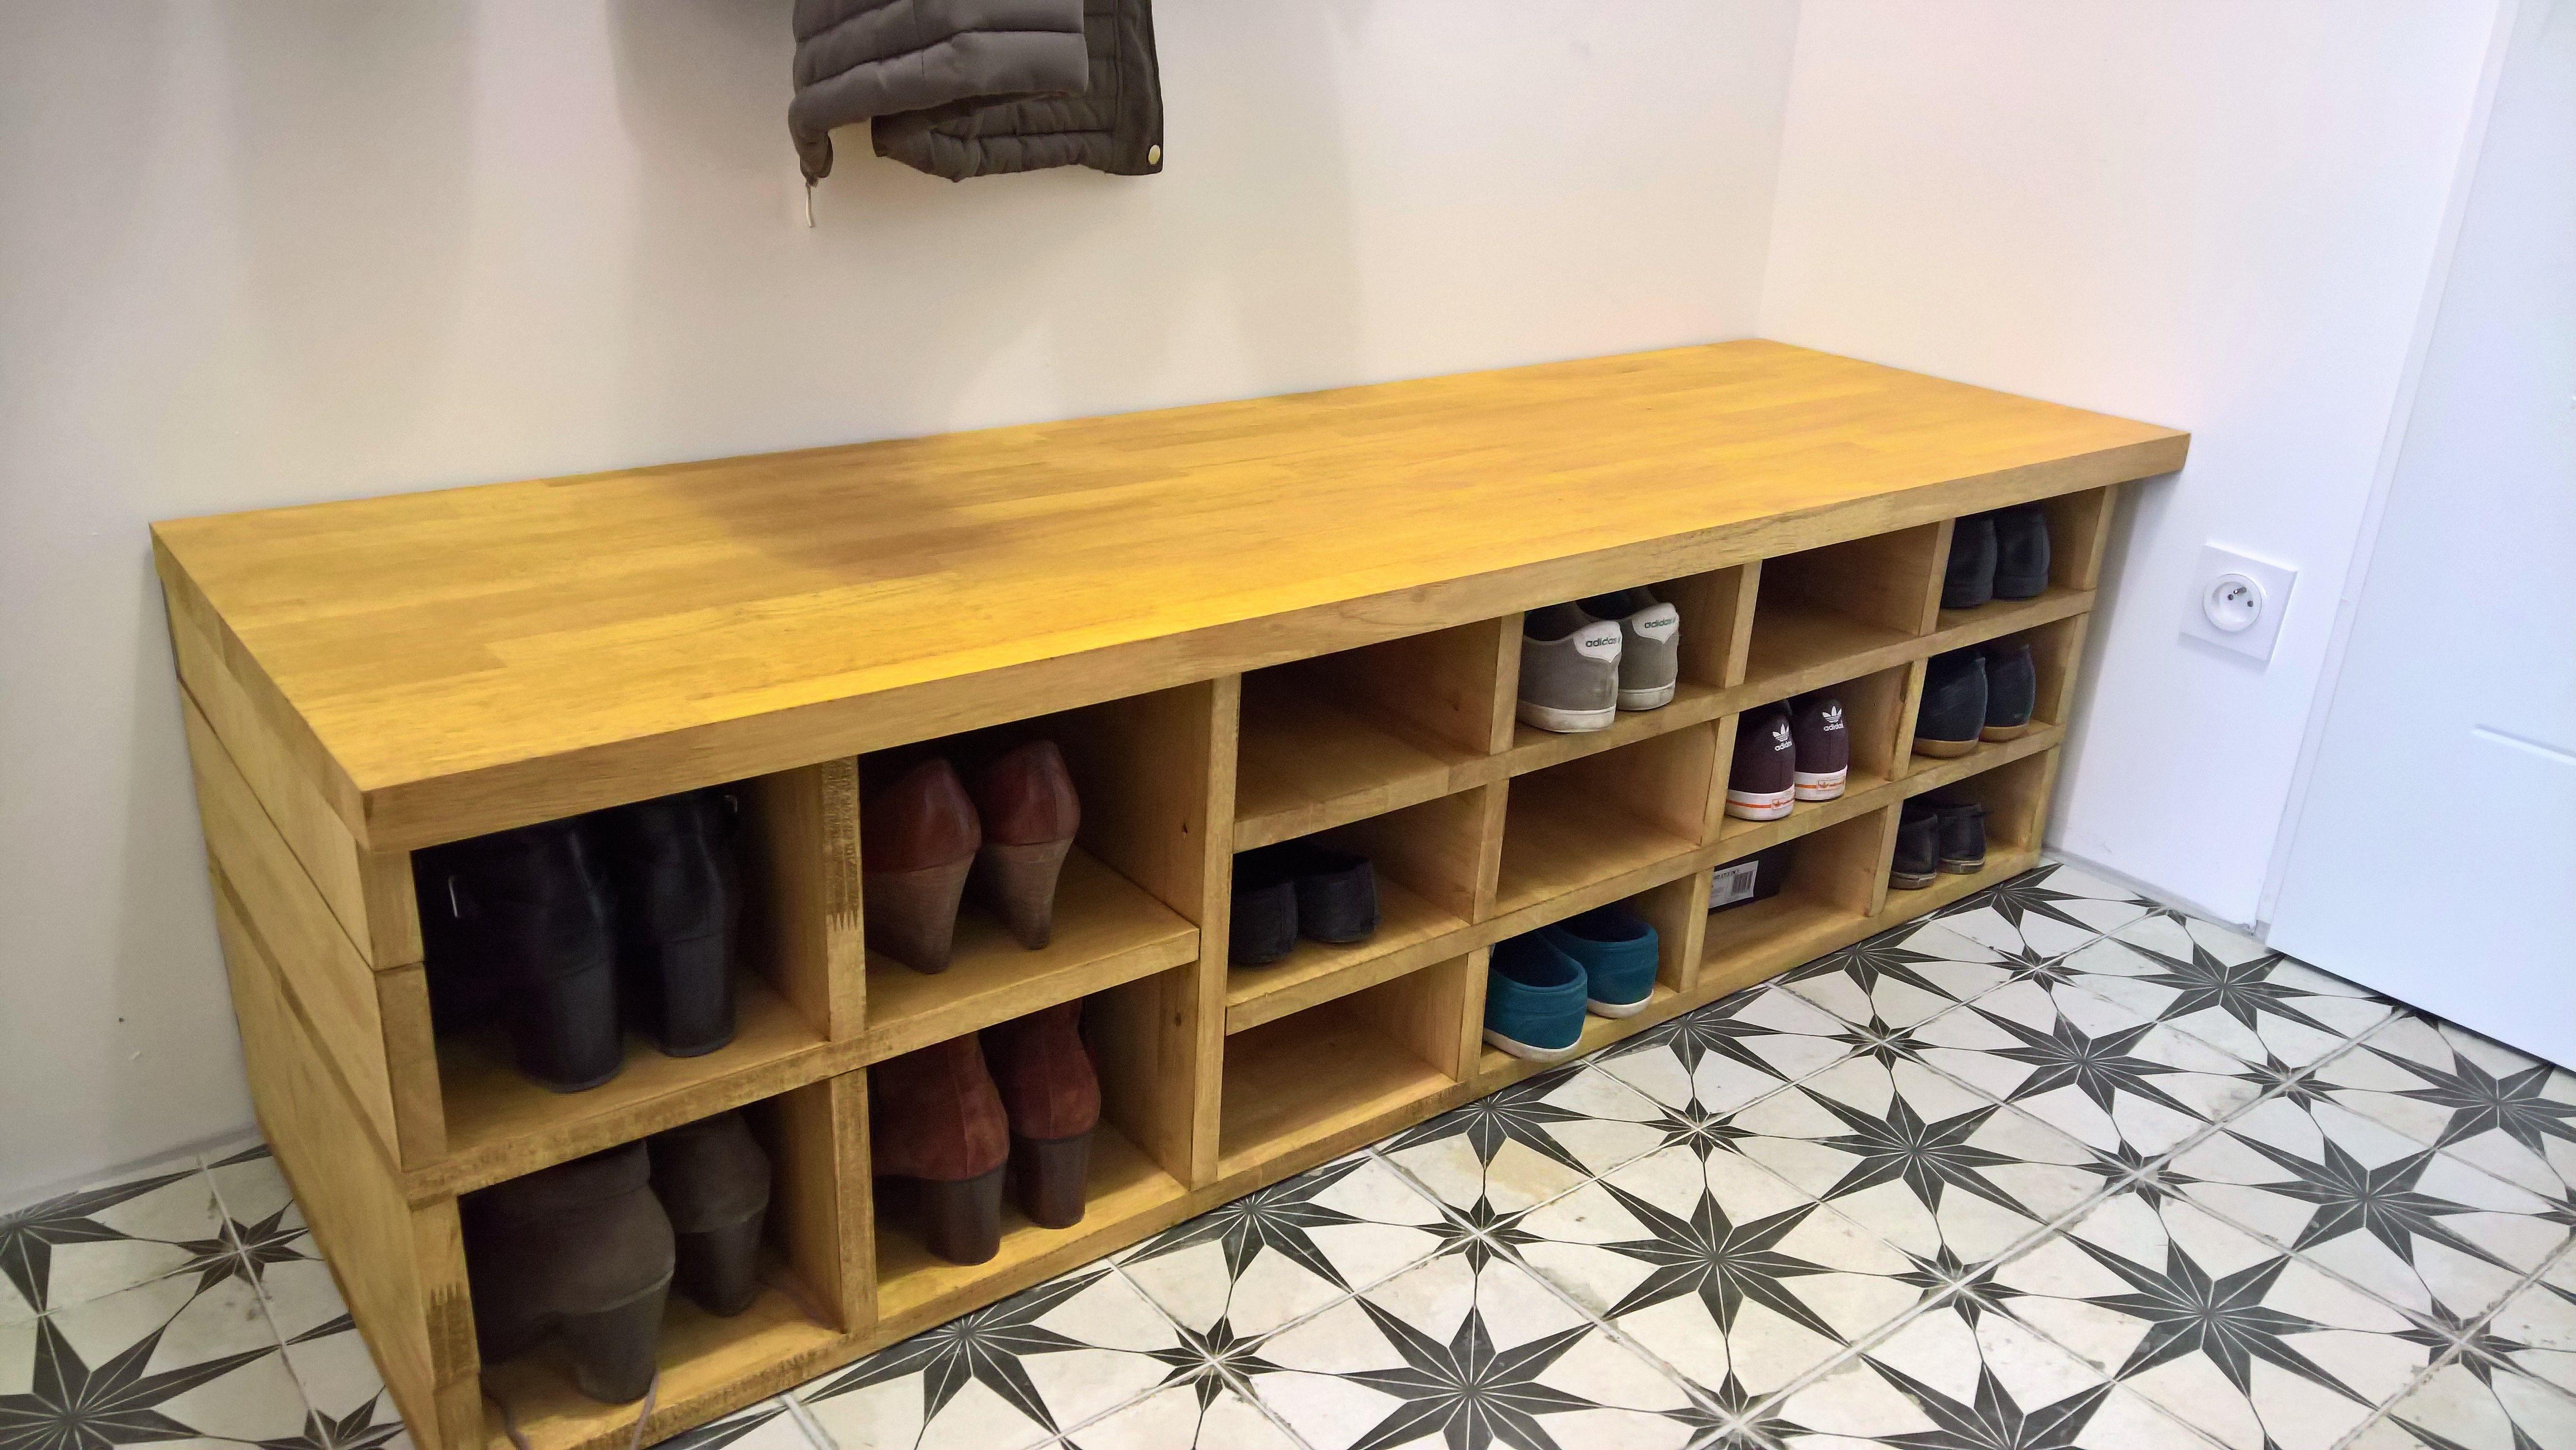 Banc, meuble à chaussures, casiers, rangements Bois, Hévéa ...